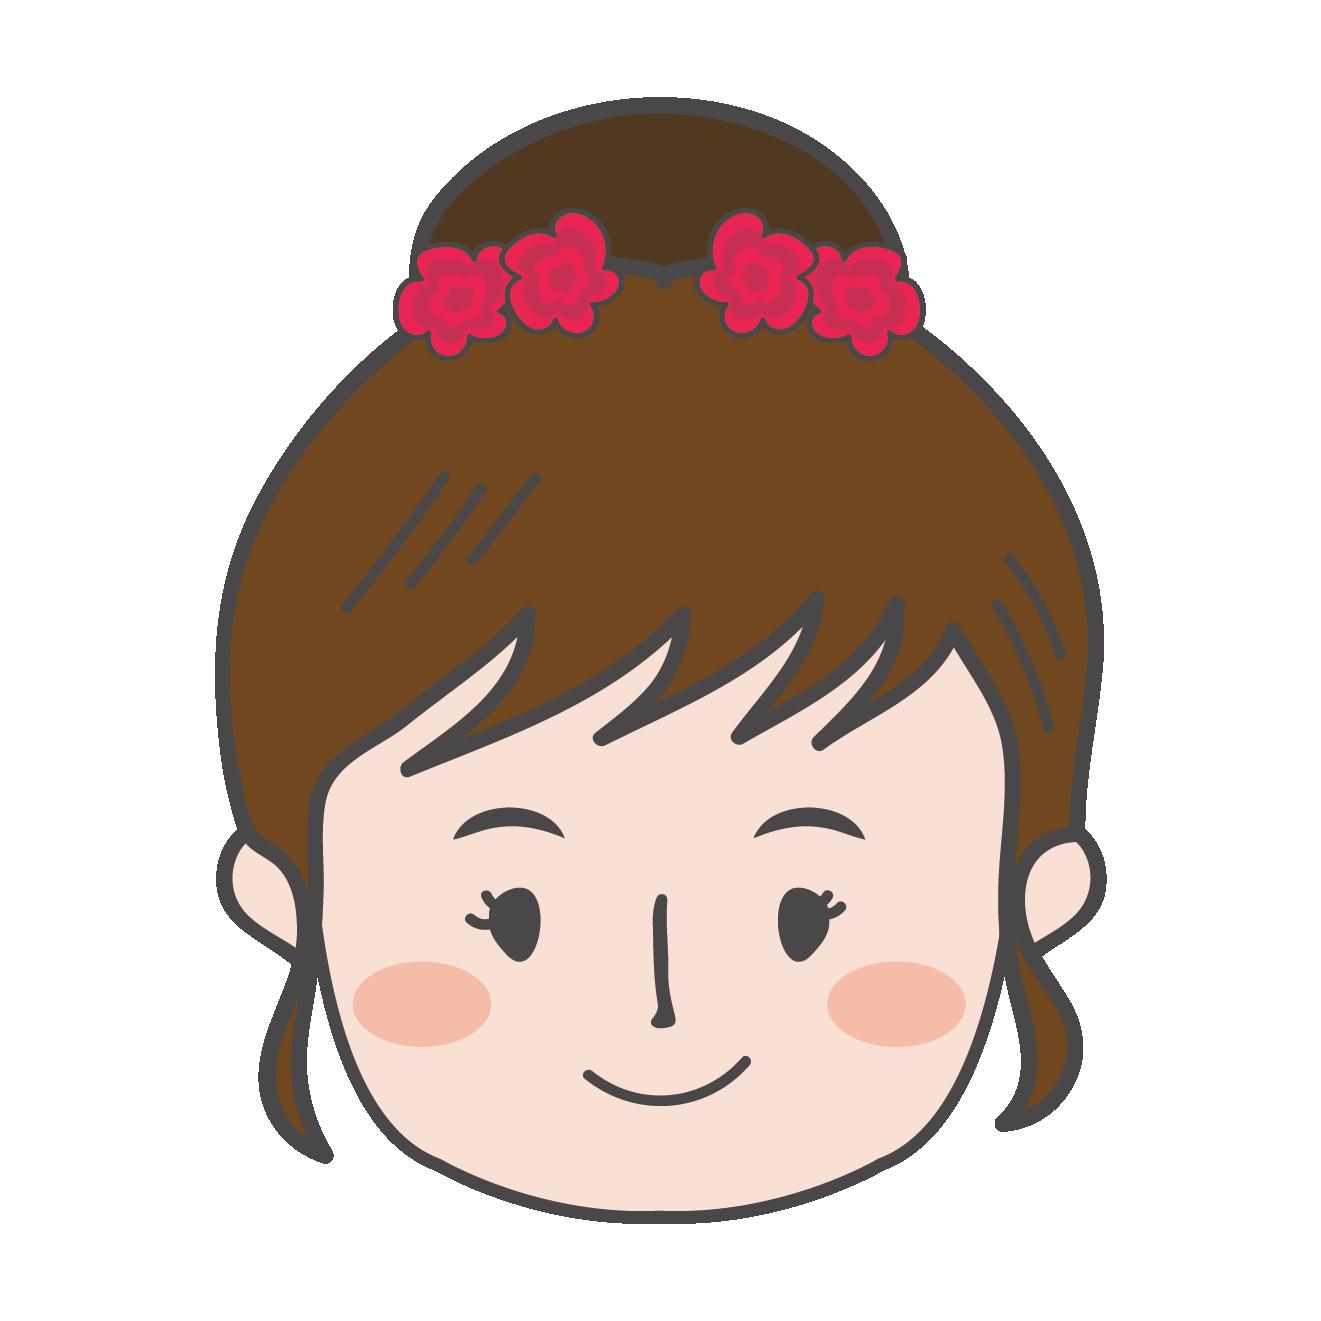 お団子ヘアーの女の子2 イラスト顔アップ 商用フリー無料の